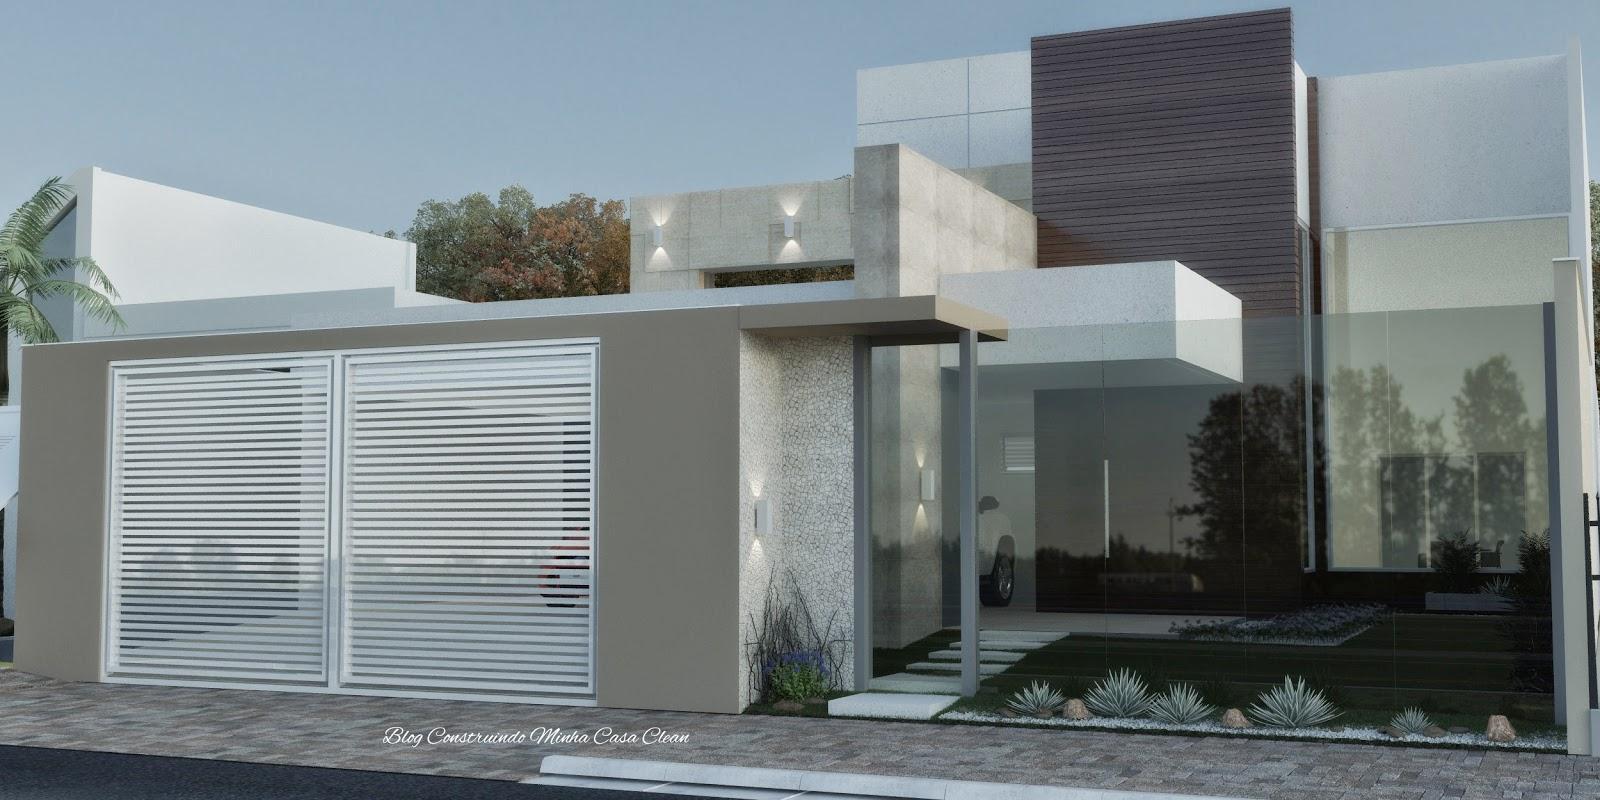 Construindo minha casa clean fachadas de casas com muros for Casa moderna 8